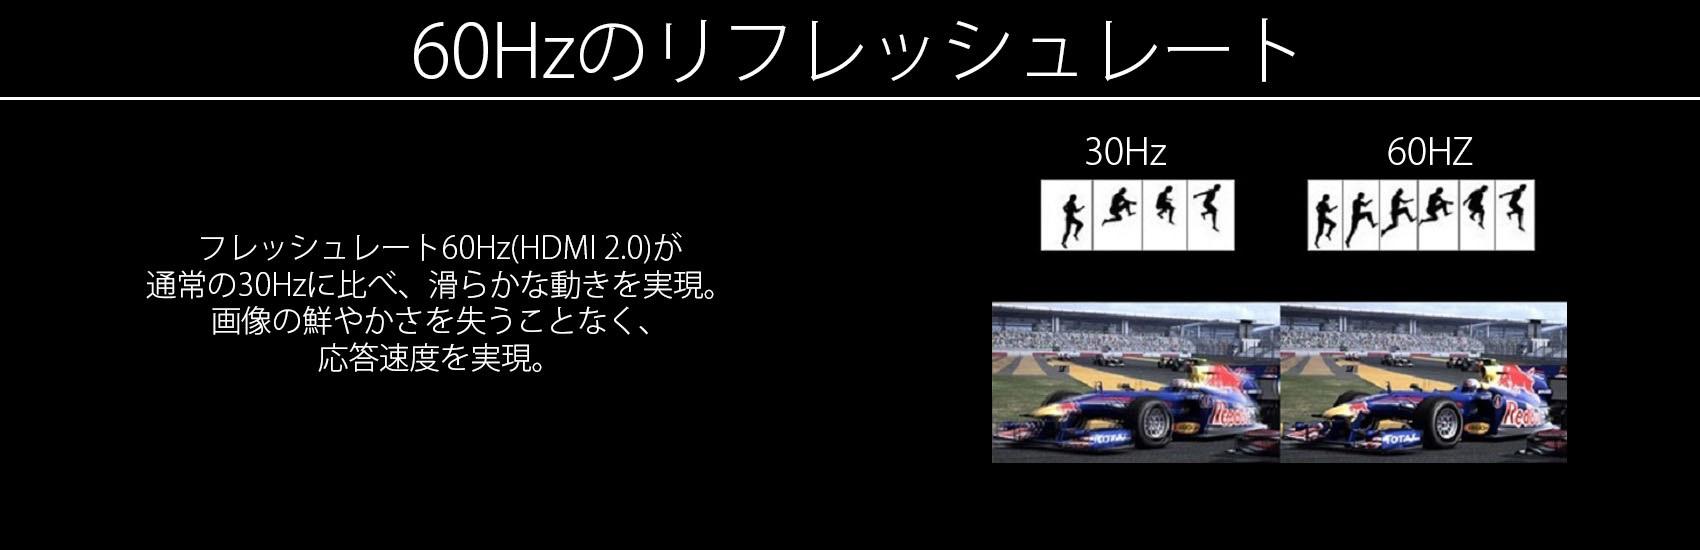 フレッシュレート60Hz(DP / HDMI 2.0)が通常の30Hzに比べ、滑らかな動きを実現。画像の鮮やかさを失うことなく、応答速度8msを実現。*最大解像度表示時リフレッシュレート詳細は商品スペックページにて確認ください。